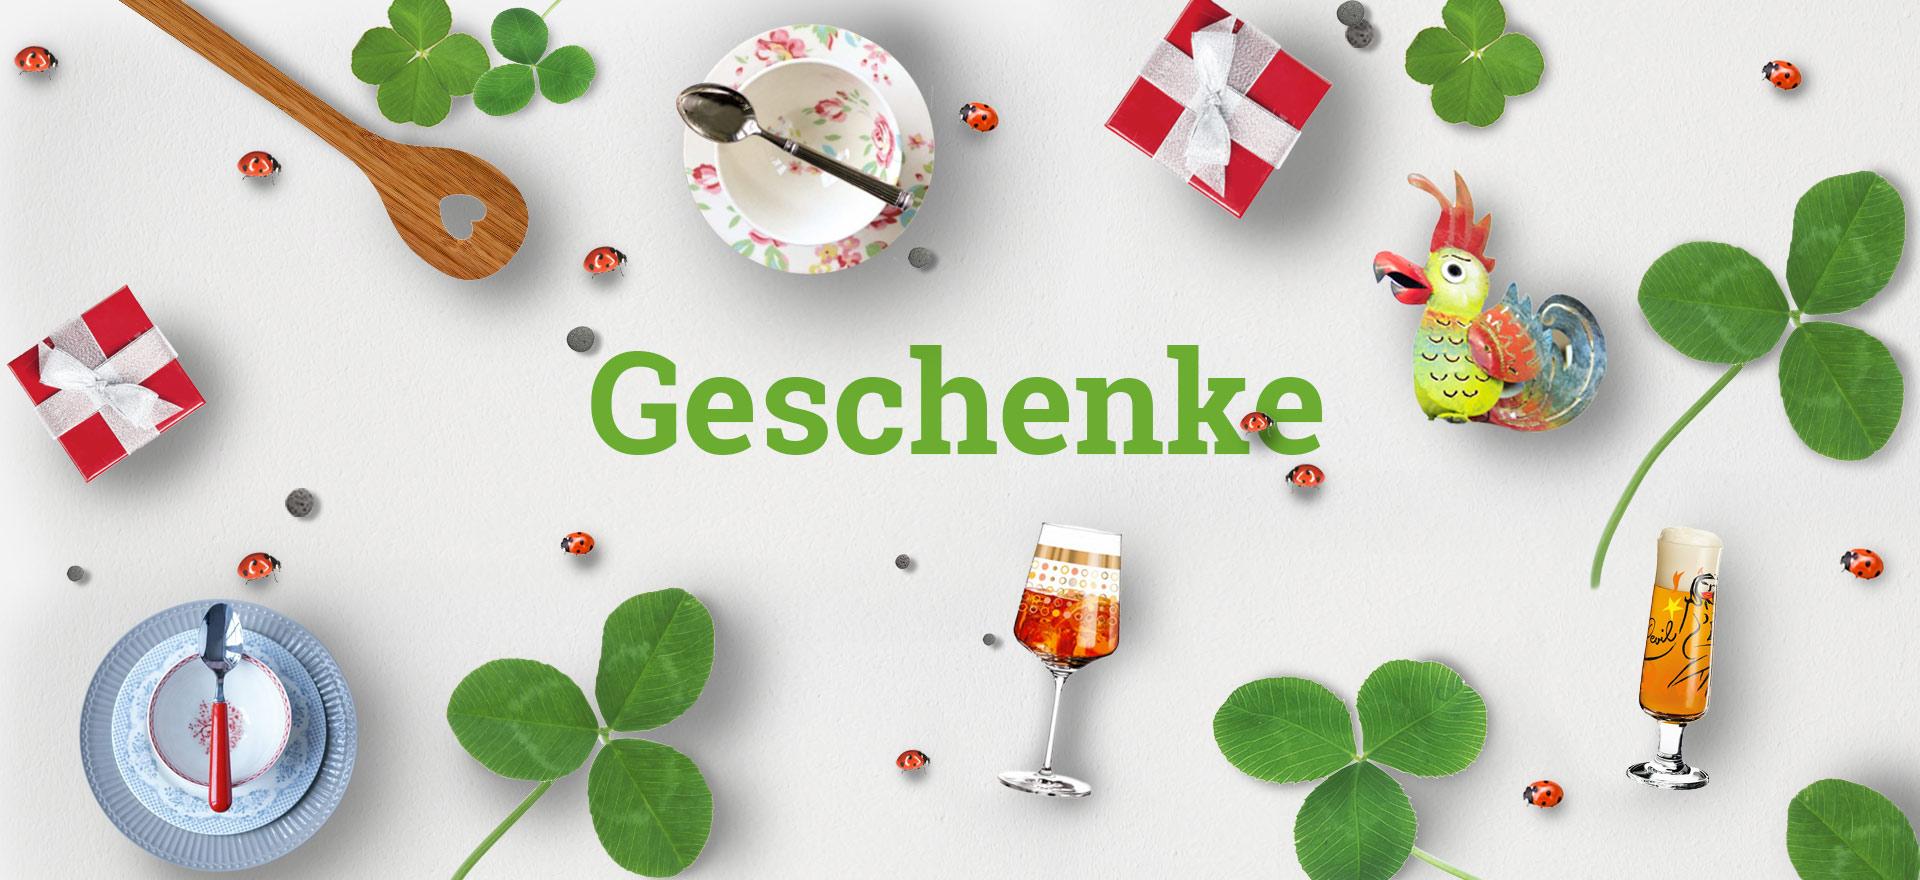 kleeblatt_header_geschenke